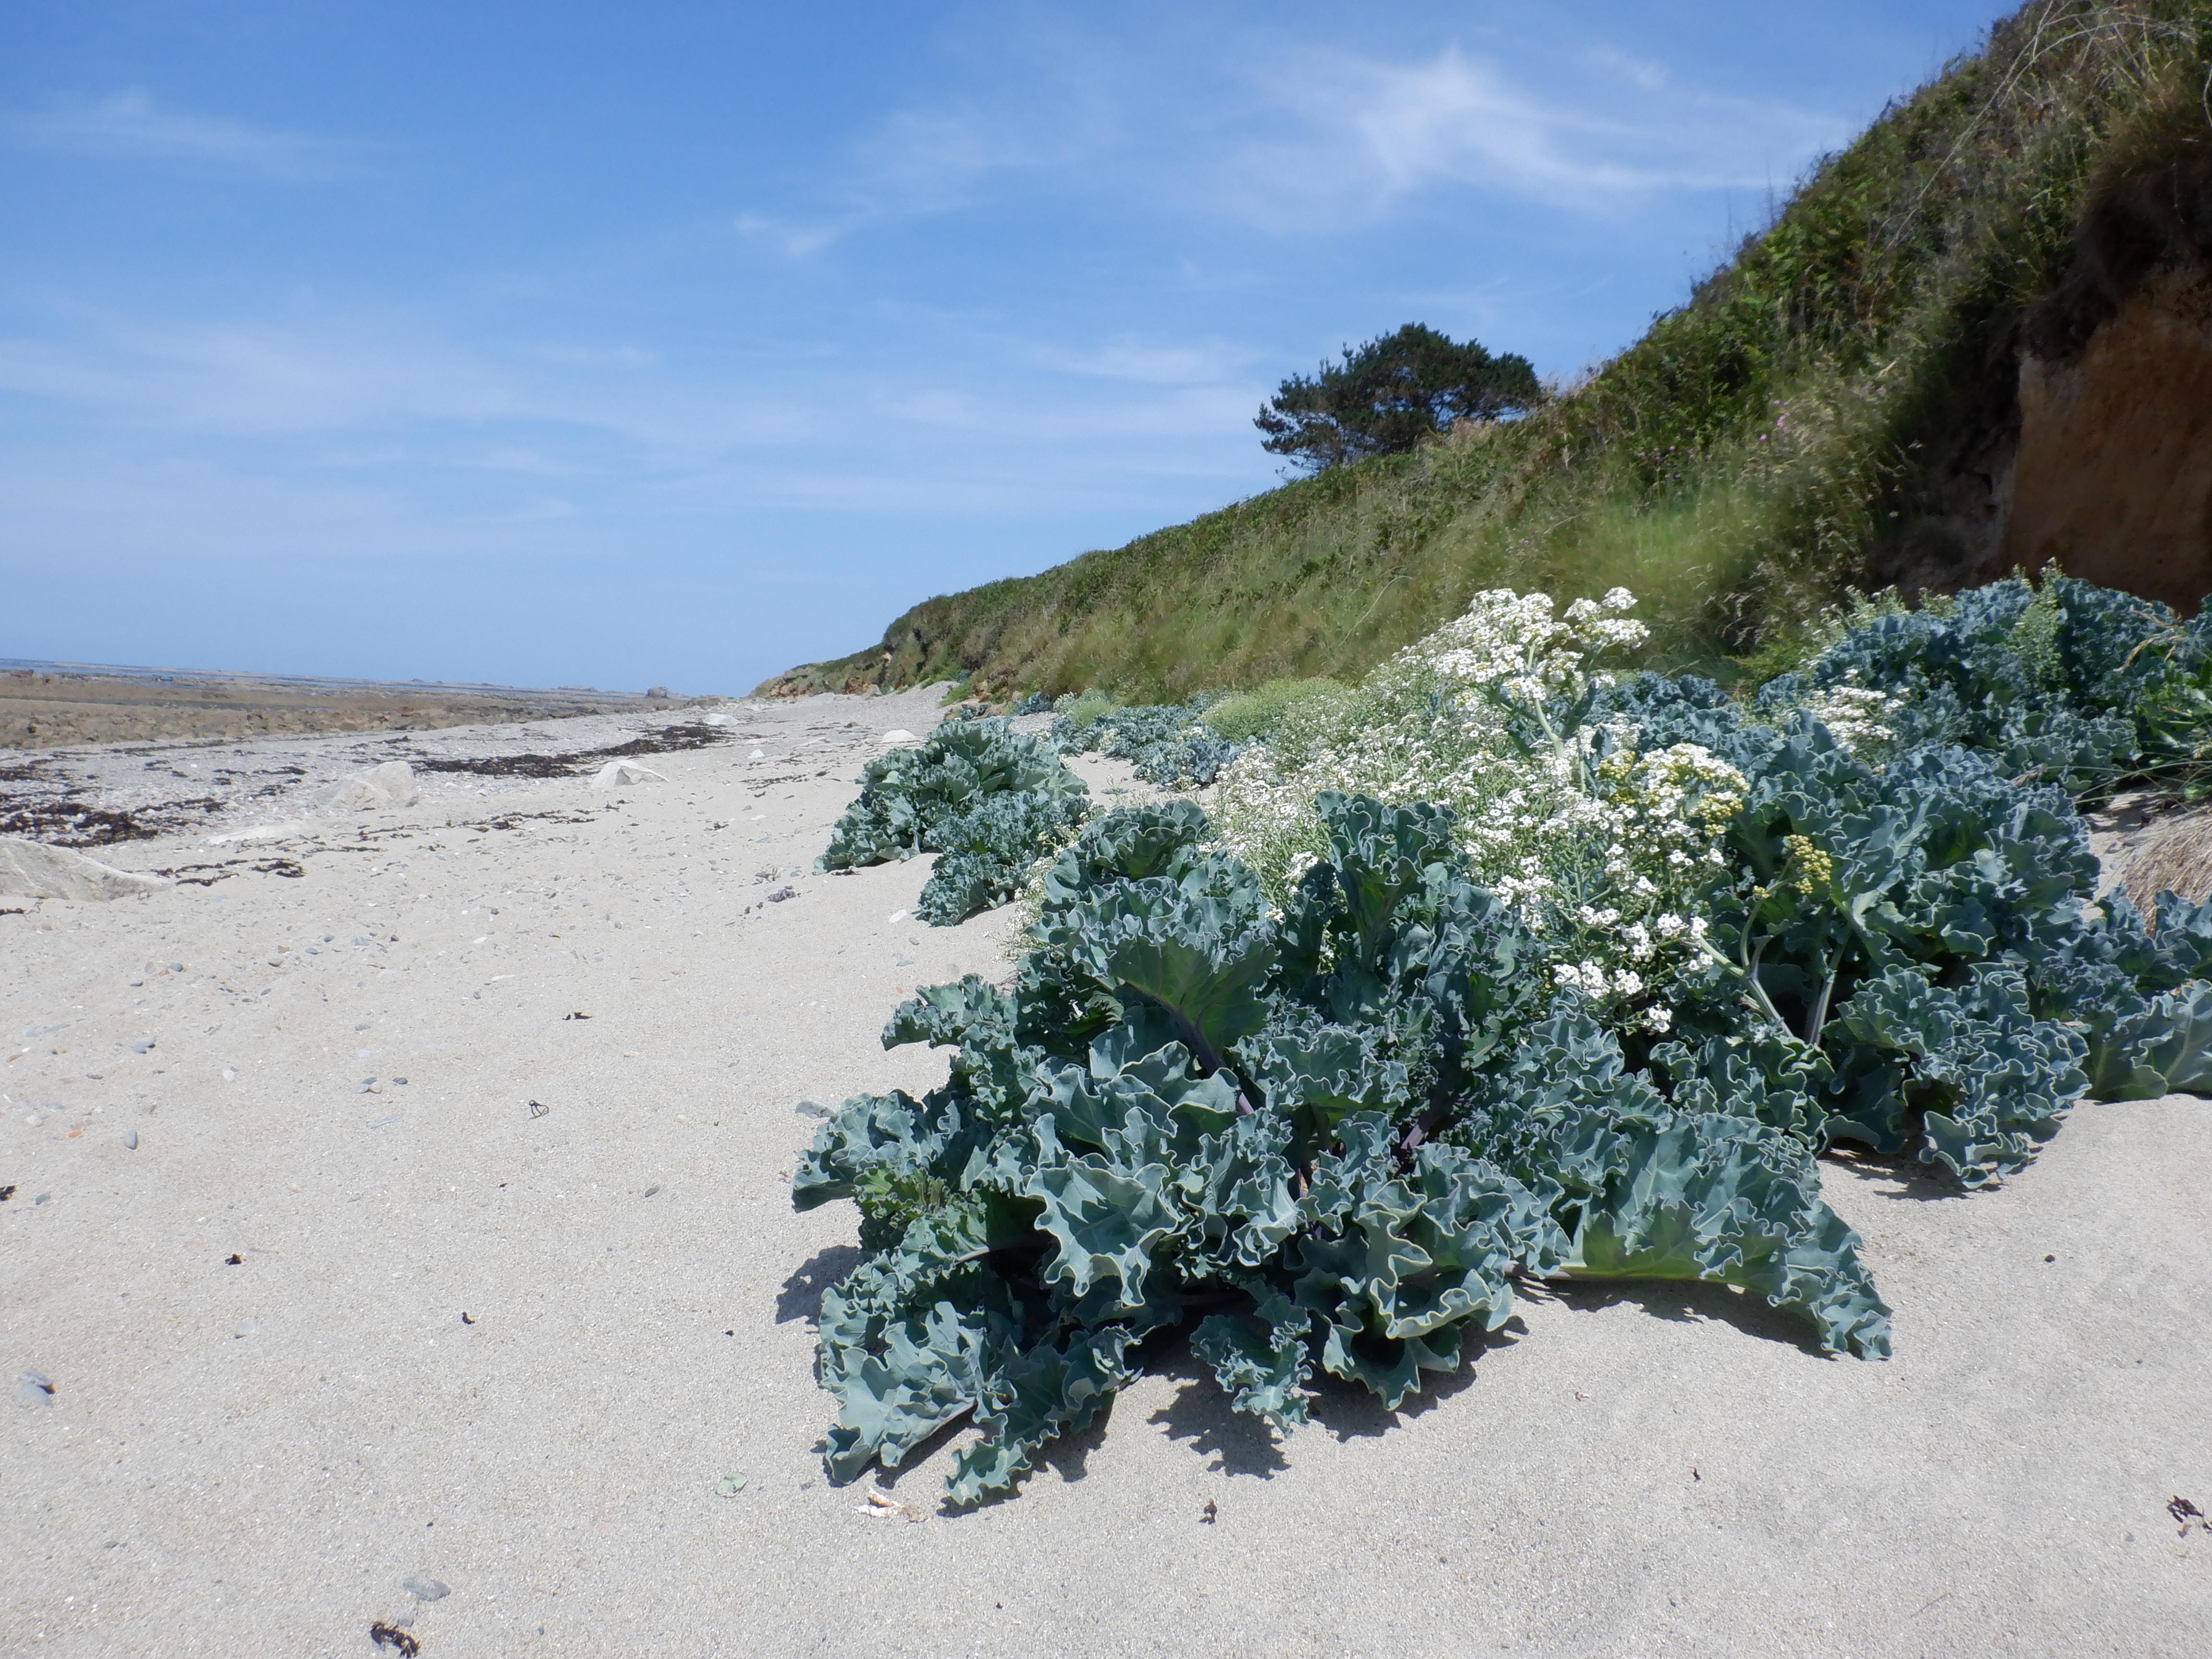 plages vivantes © Pauline Poisson